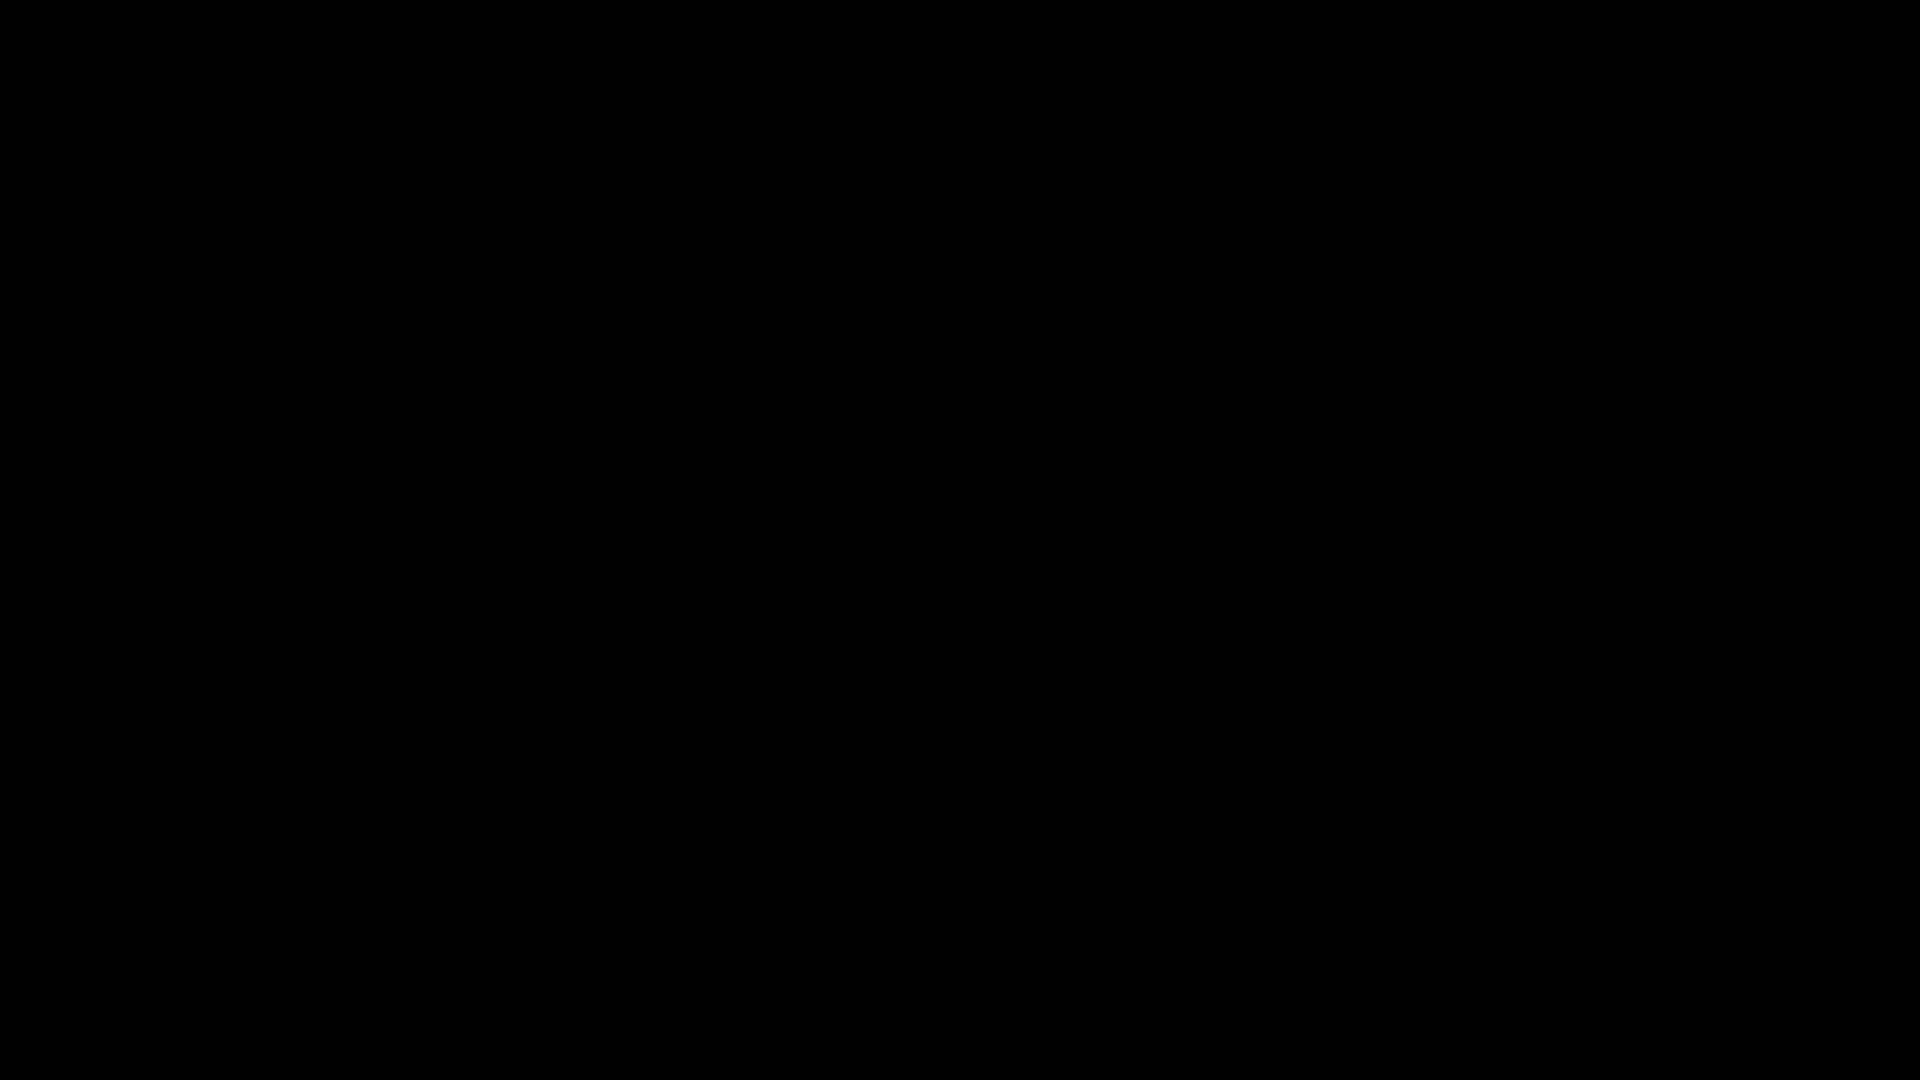 ぎゃんかわ男子のはれんちオナニー vol.09 ゲイのオナニー映像   男祭り  86枚 19